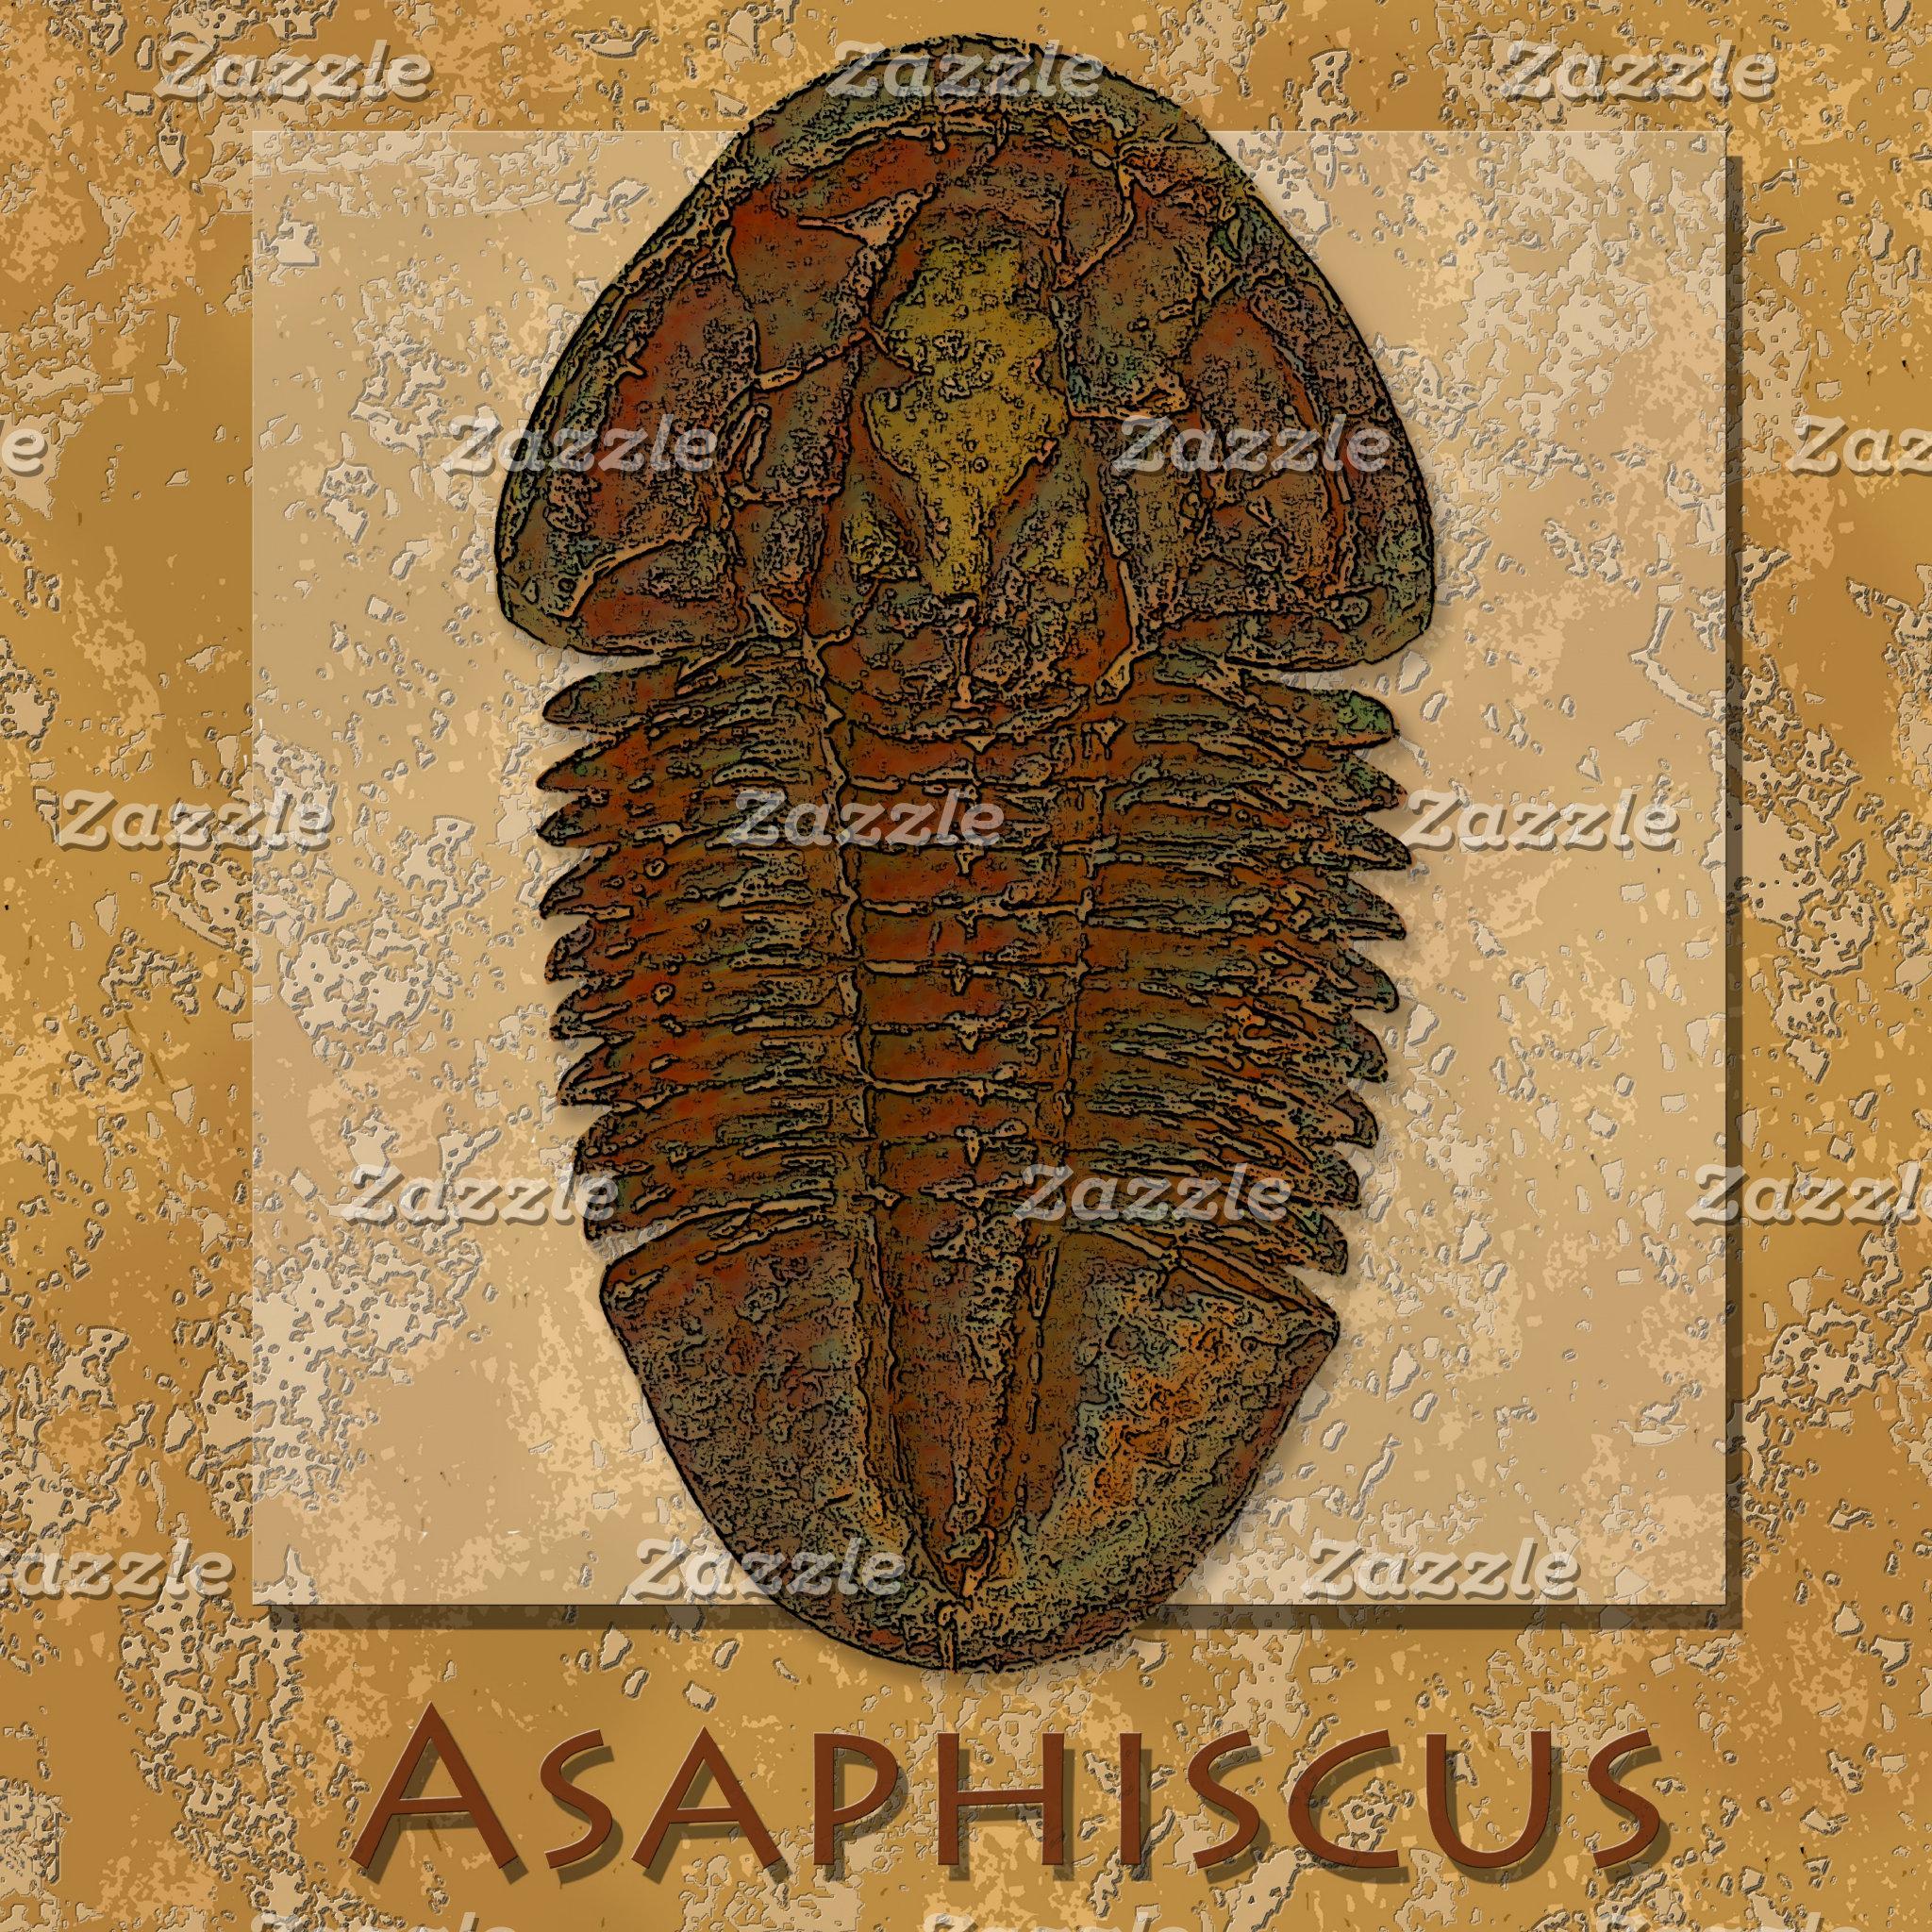 Asaphiscus